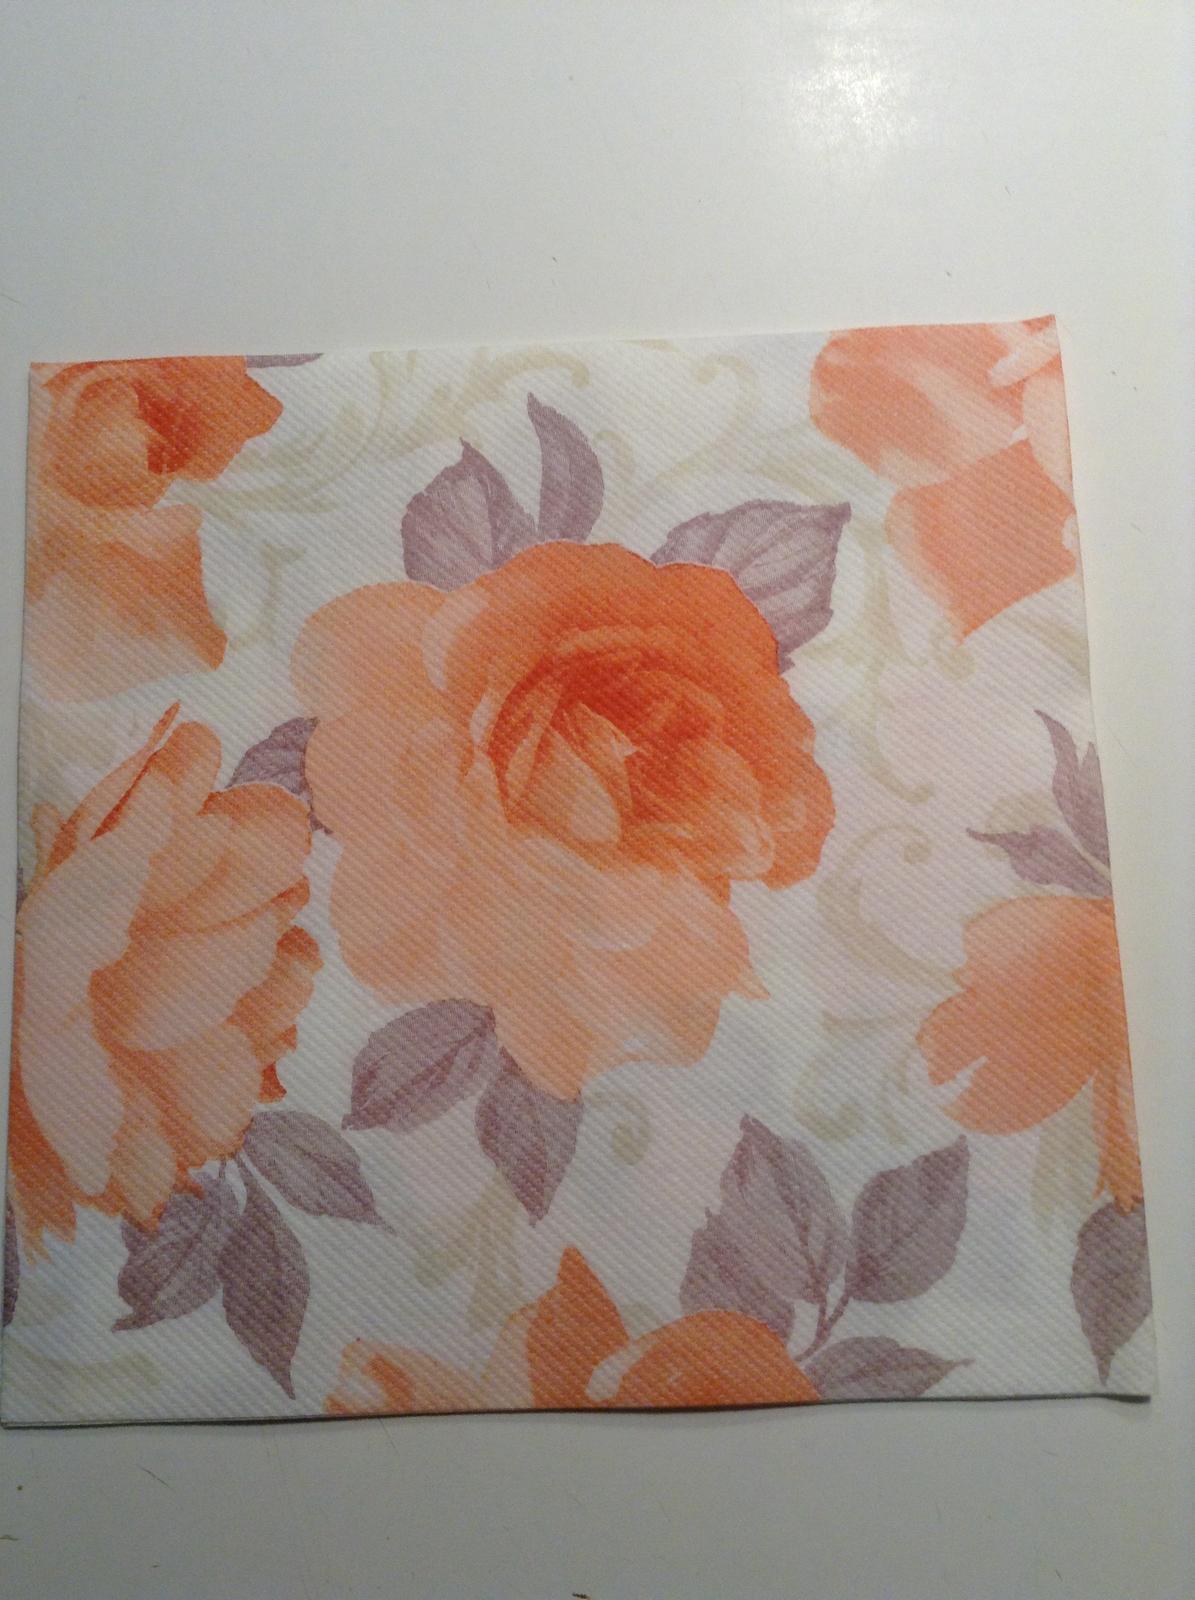 Luxusné servítky z netkanej textílie 40 x 40 cm  - Obrázok č. 1